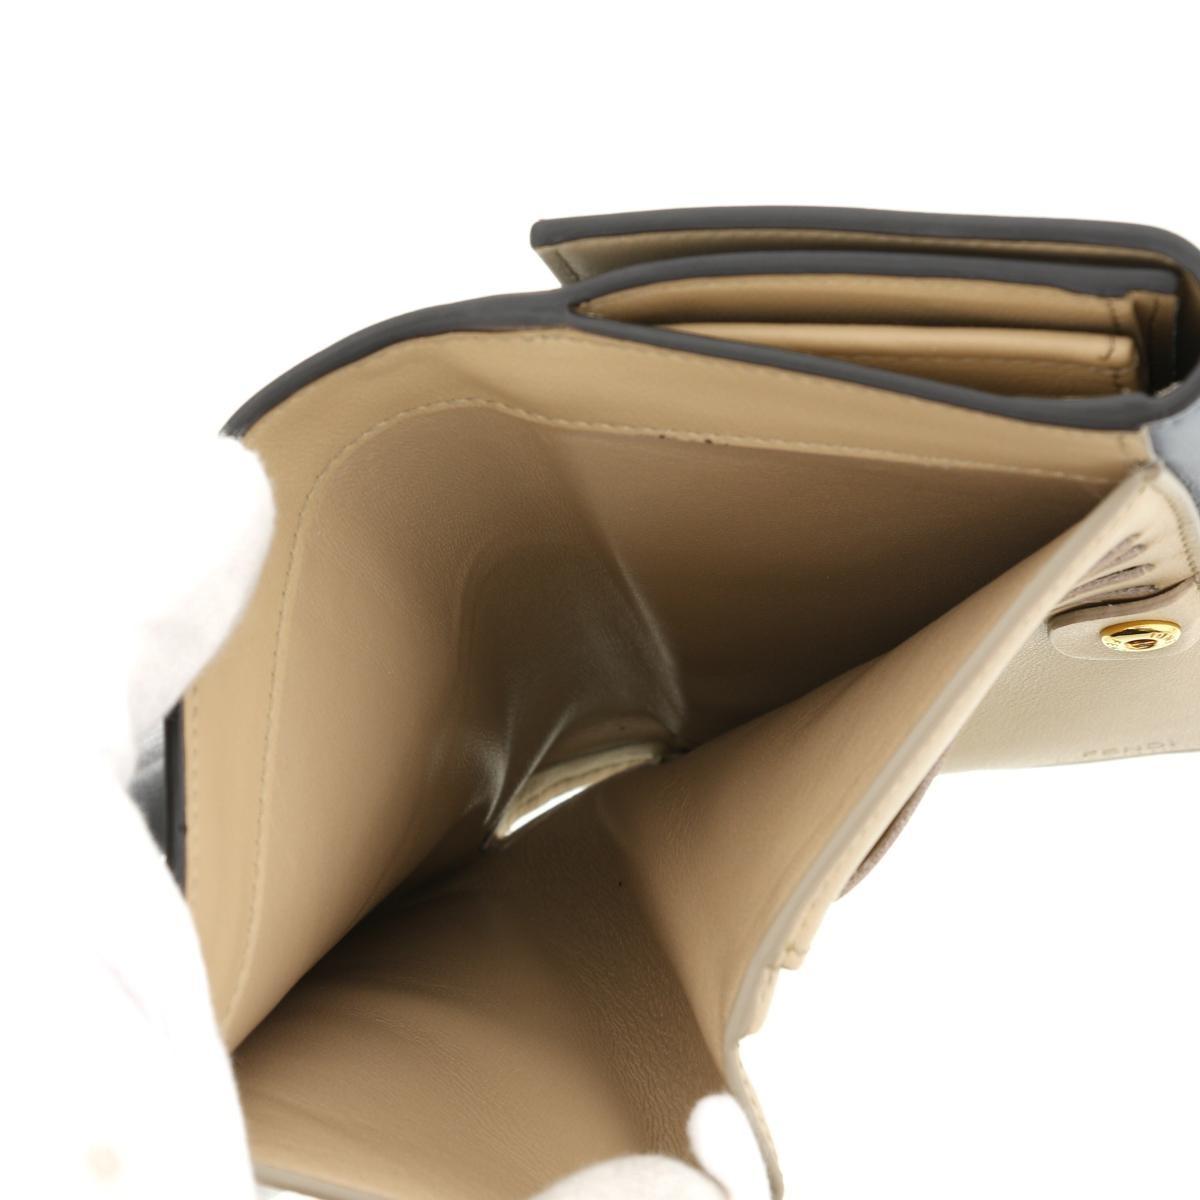 【最終値下げ品】【美品】FENDI フェンディ ピーカブー 二つ折り 財布 グレー 8M0419 [ROH]